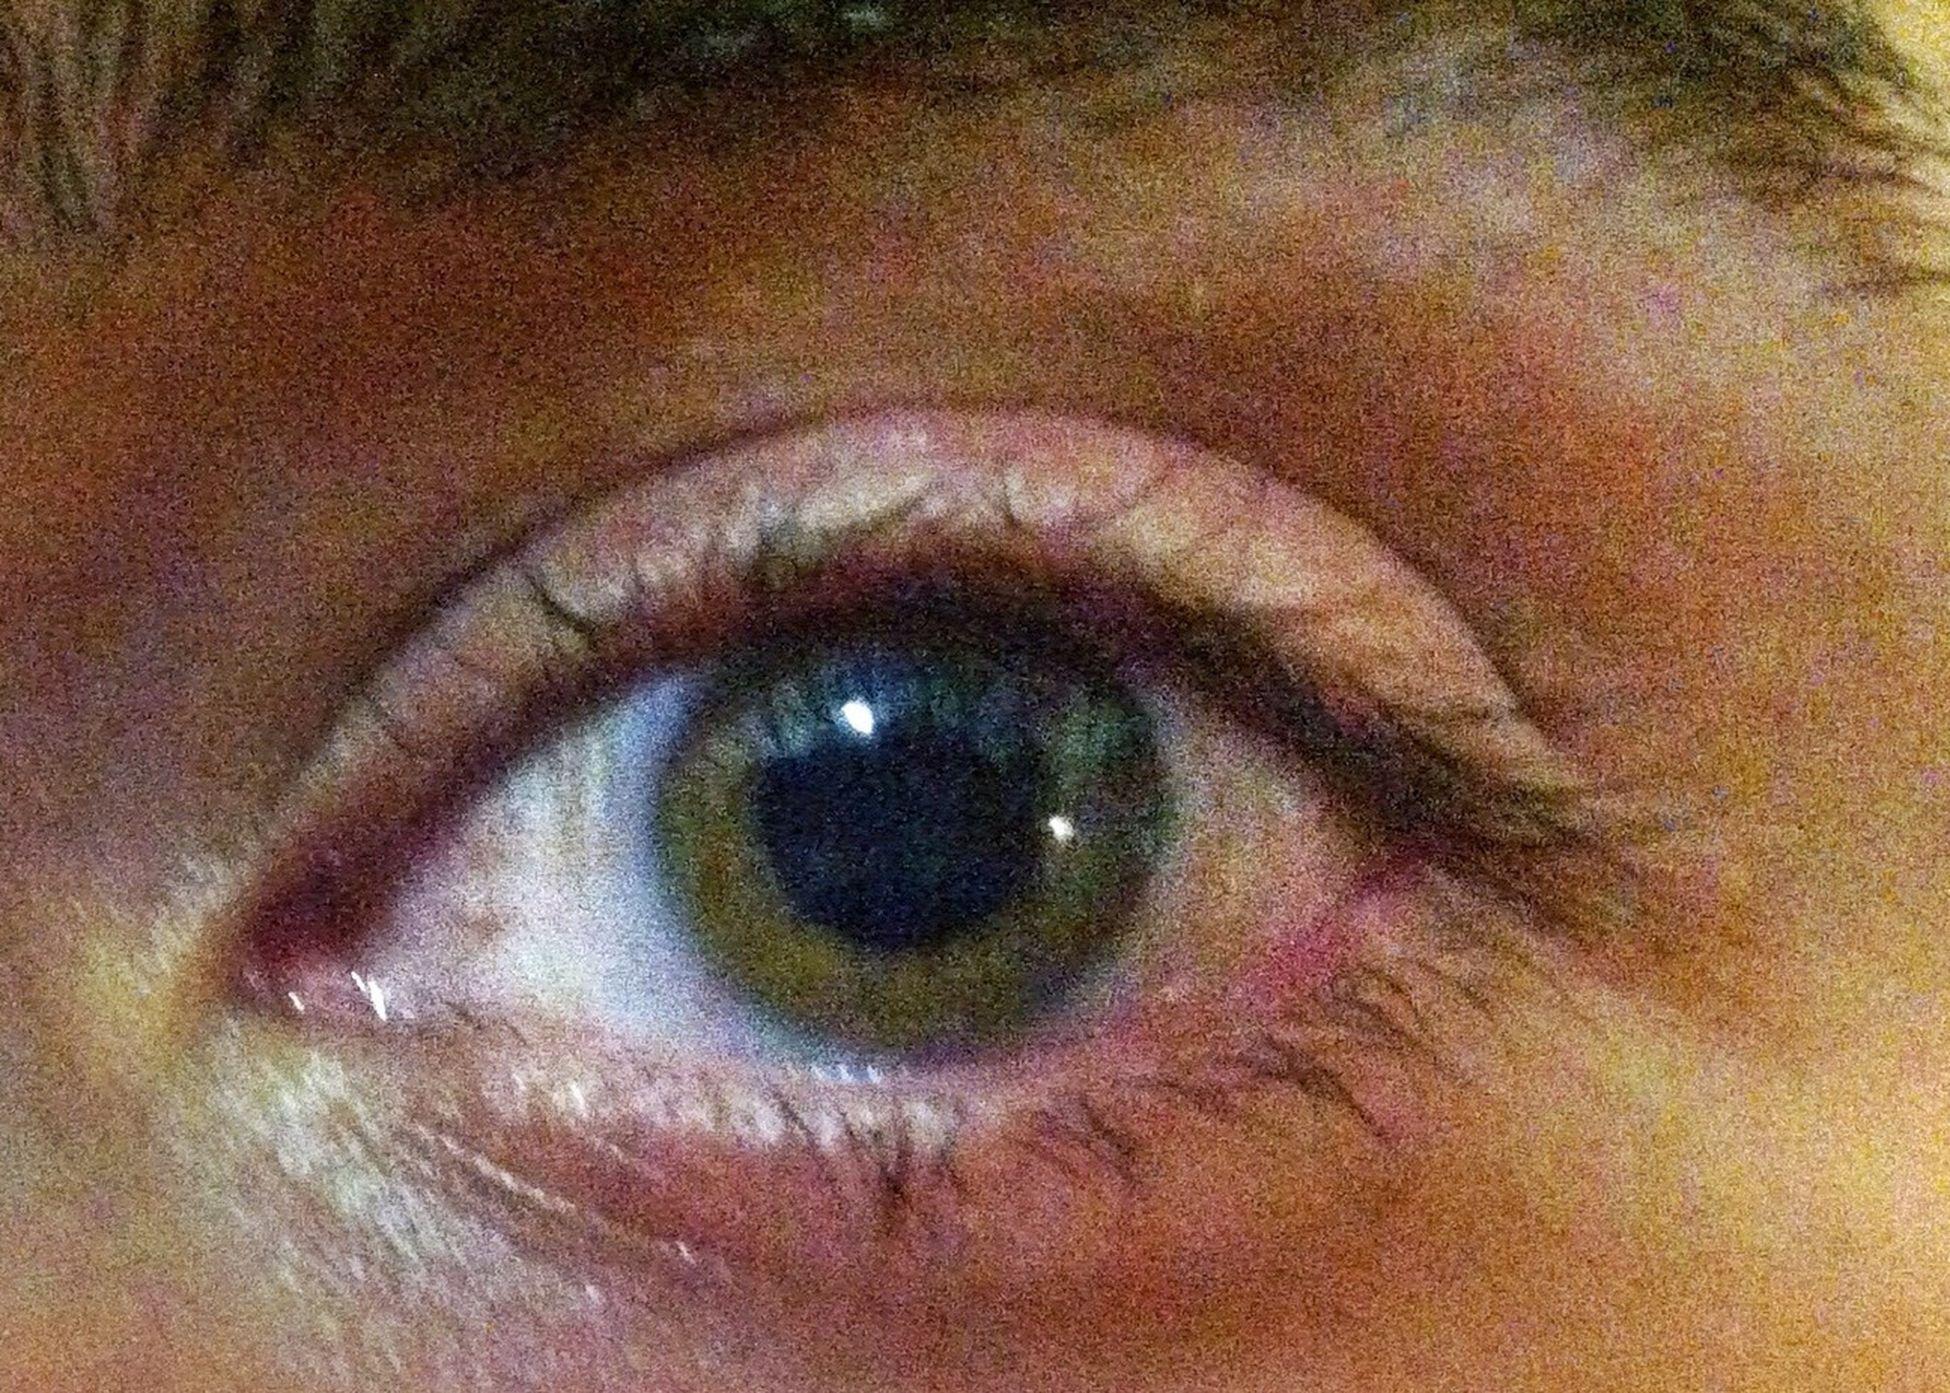 human eye, eyelash, close-up, eyesight, indoors, sensory perception, extreme close-up, full frame, part of, human skin, human face, backgrounds, iris - eye, extreme close up, eyeball, looking at camera, portrait